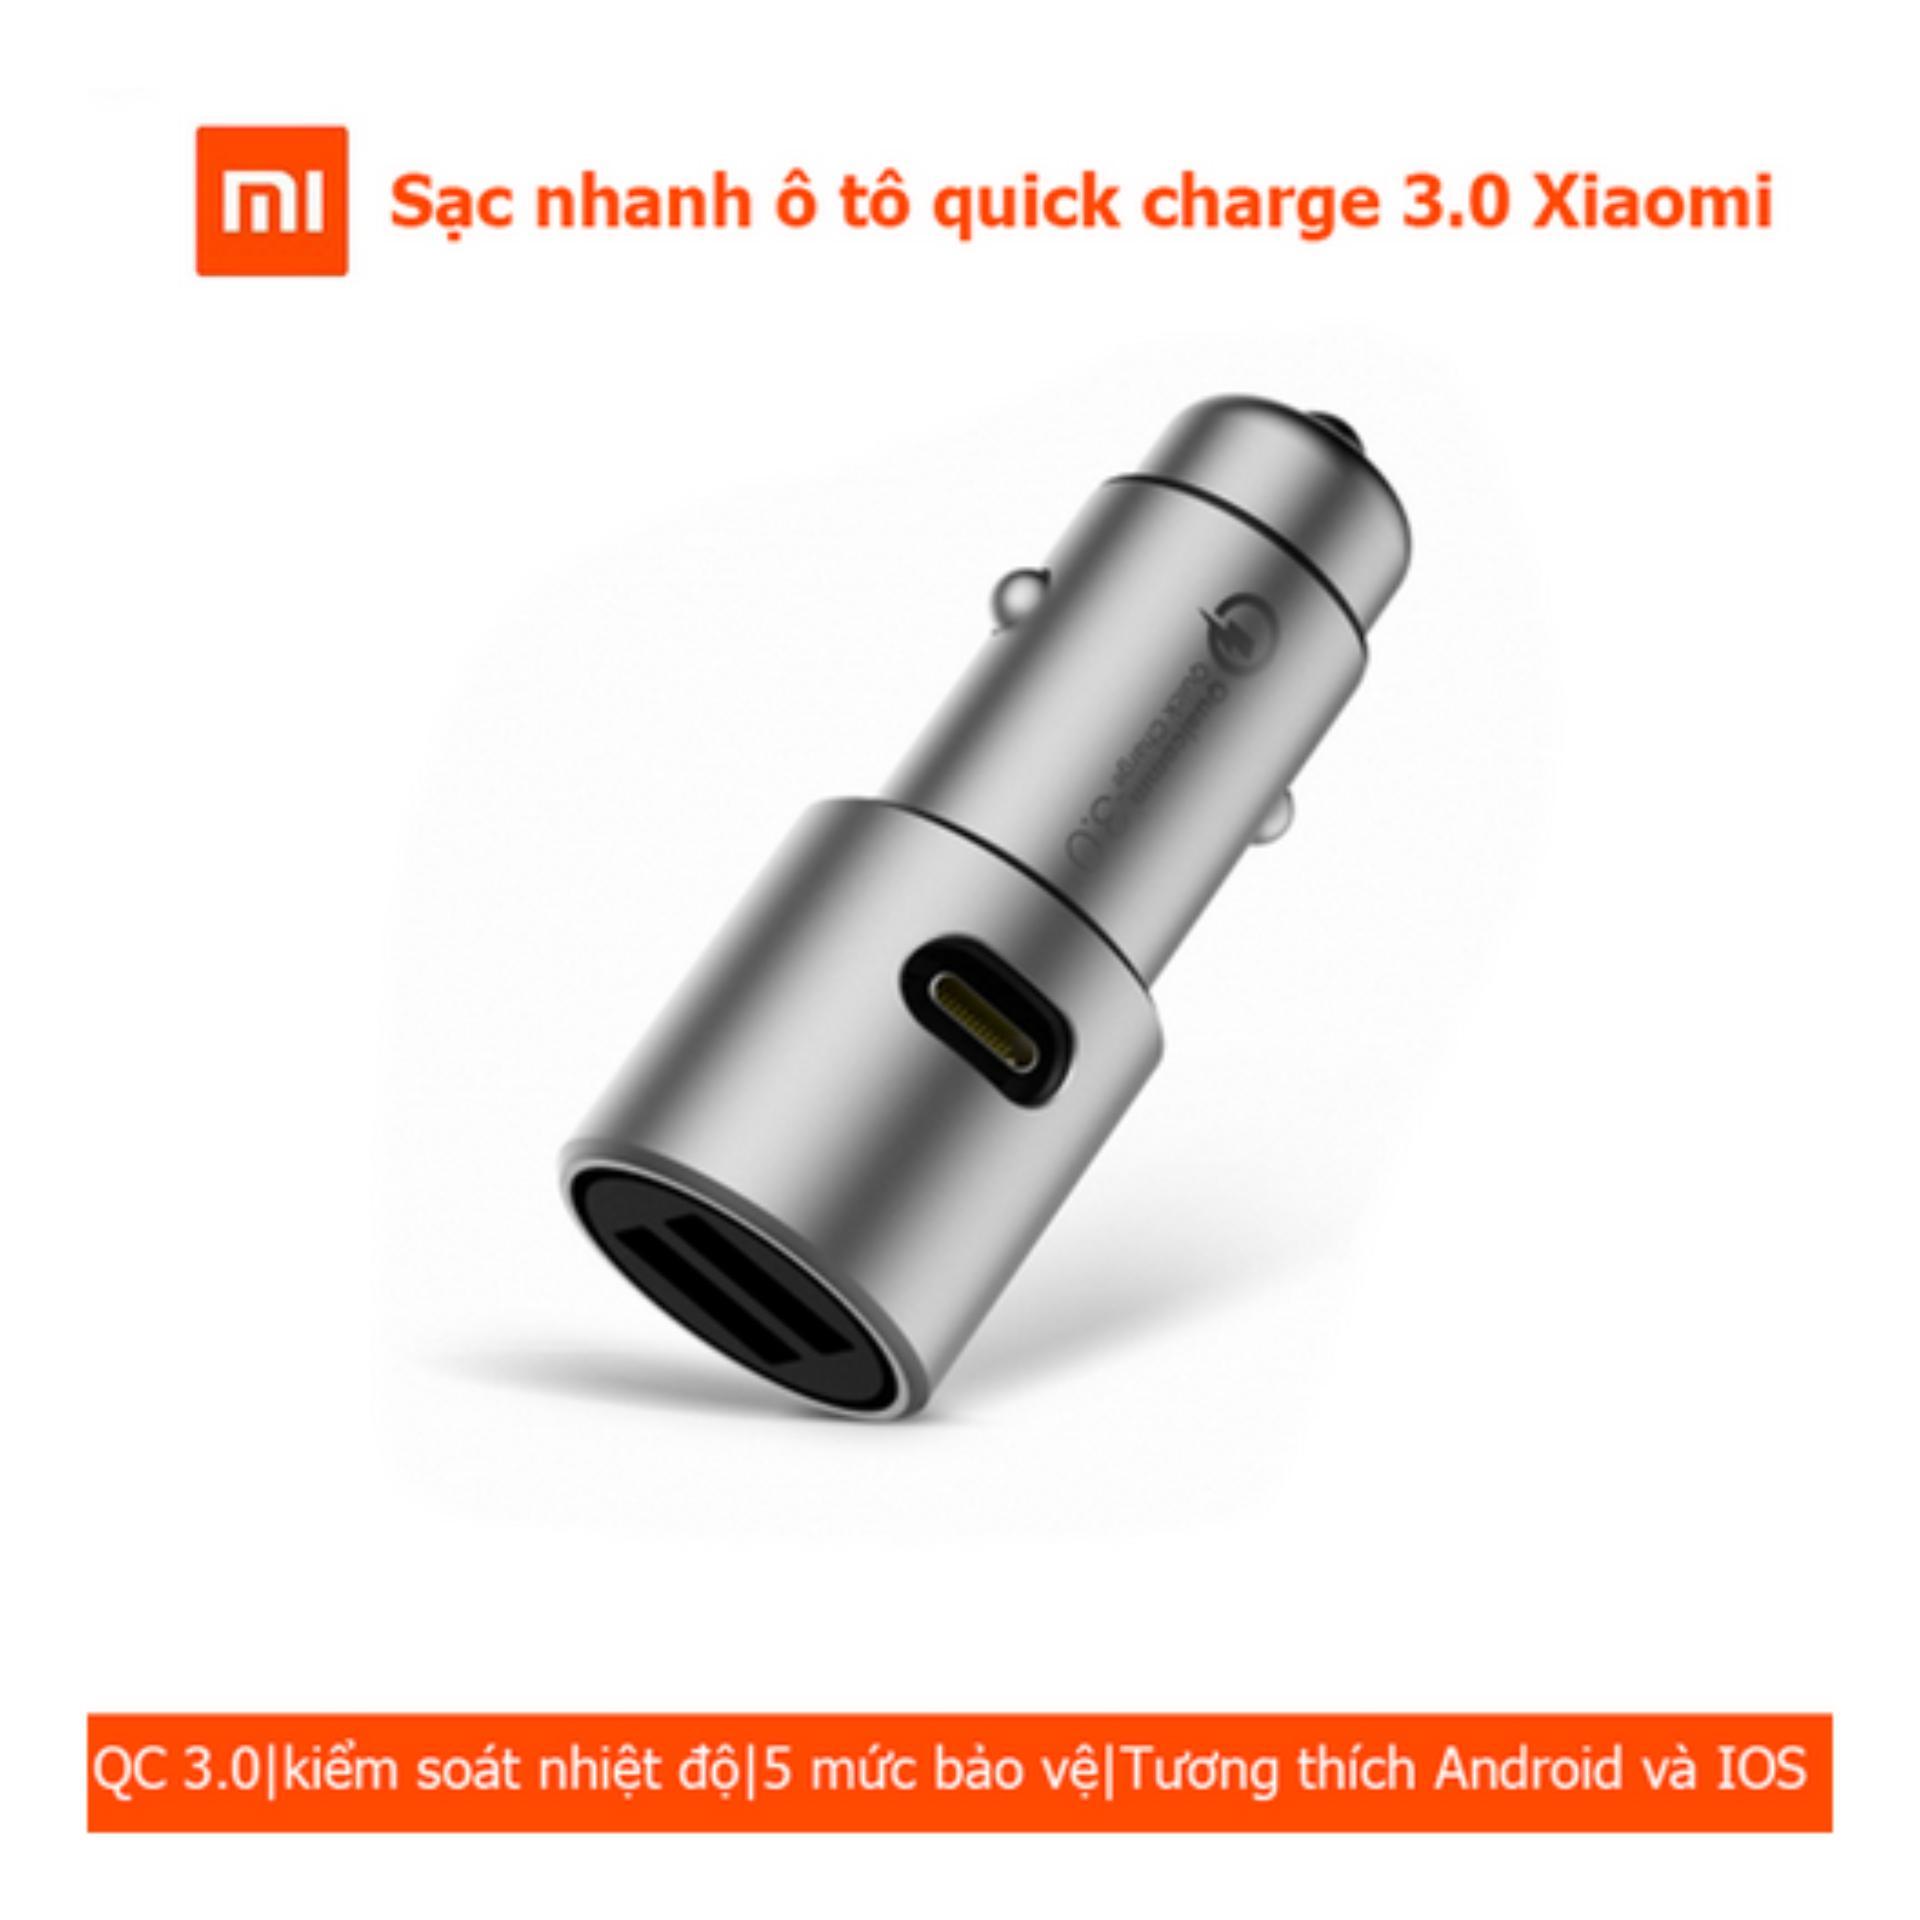 Sạc Xe Hơi Quick Charge 3.0 Xiaomi new 2017 (sạc nhanh)